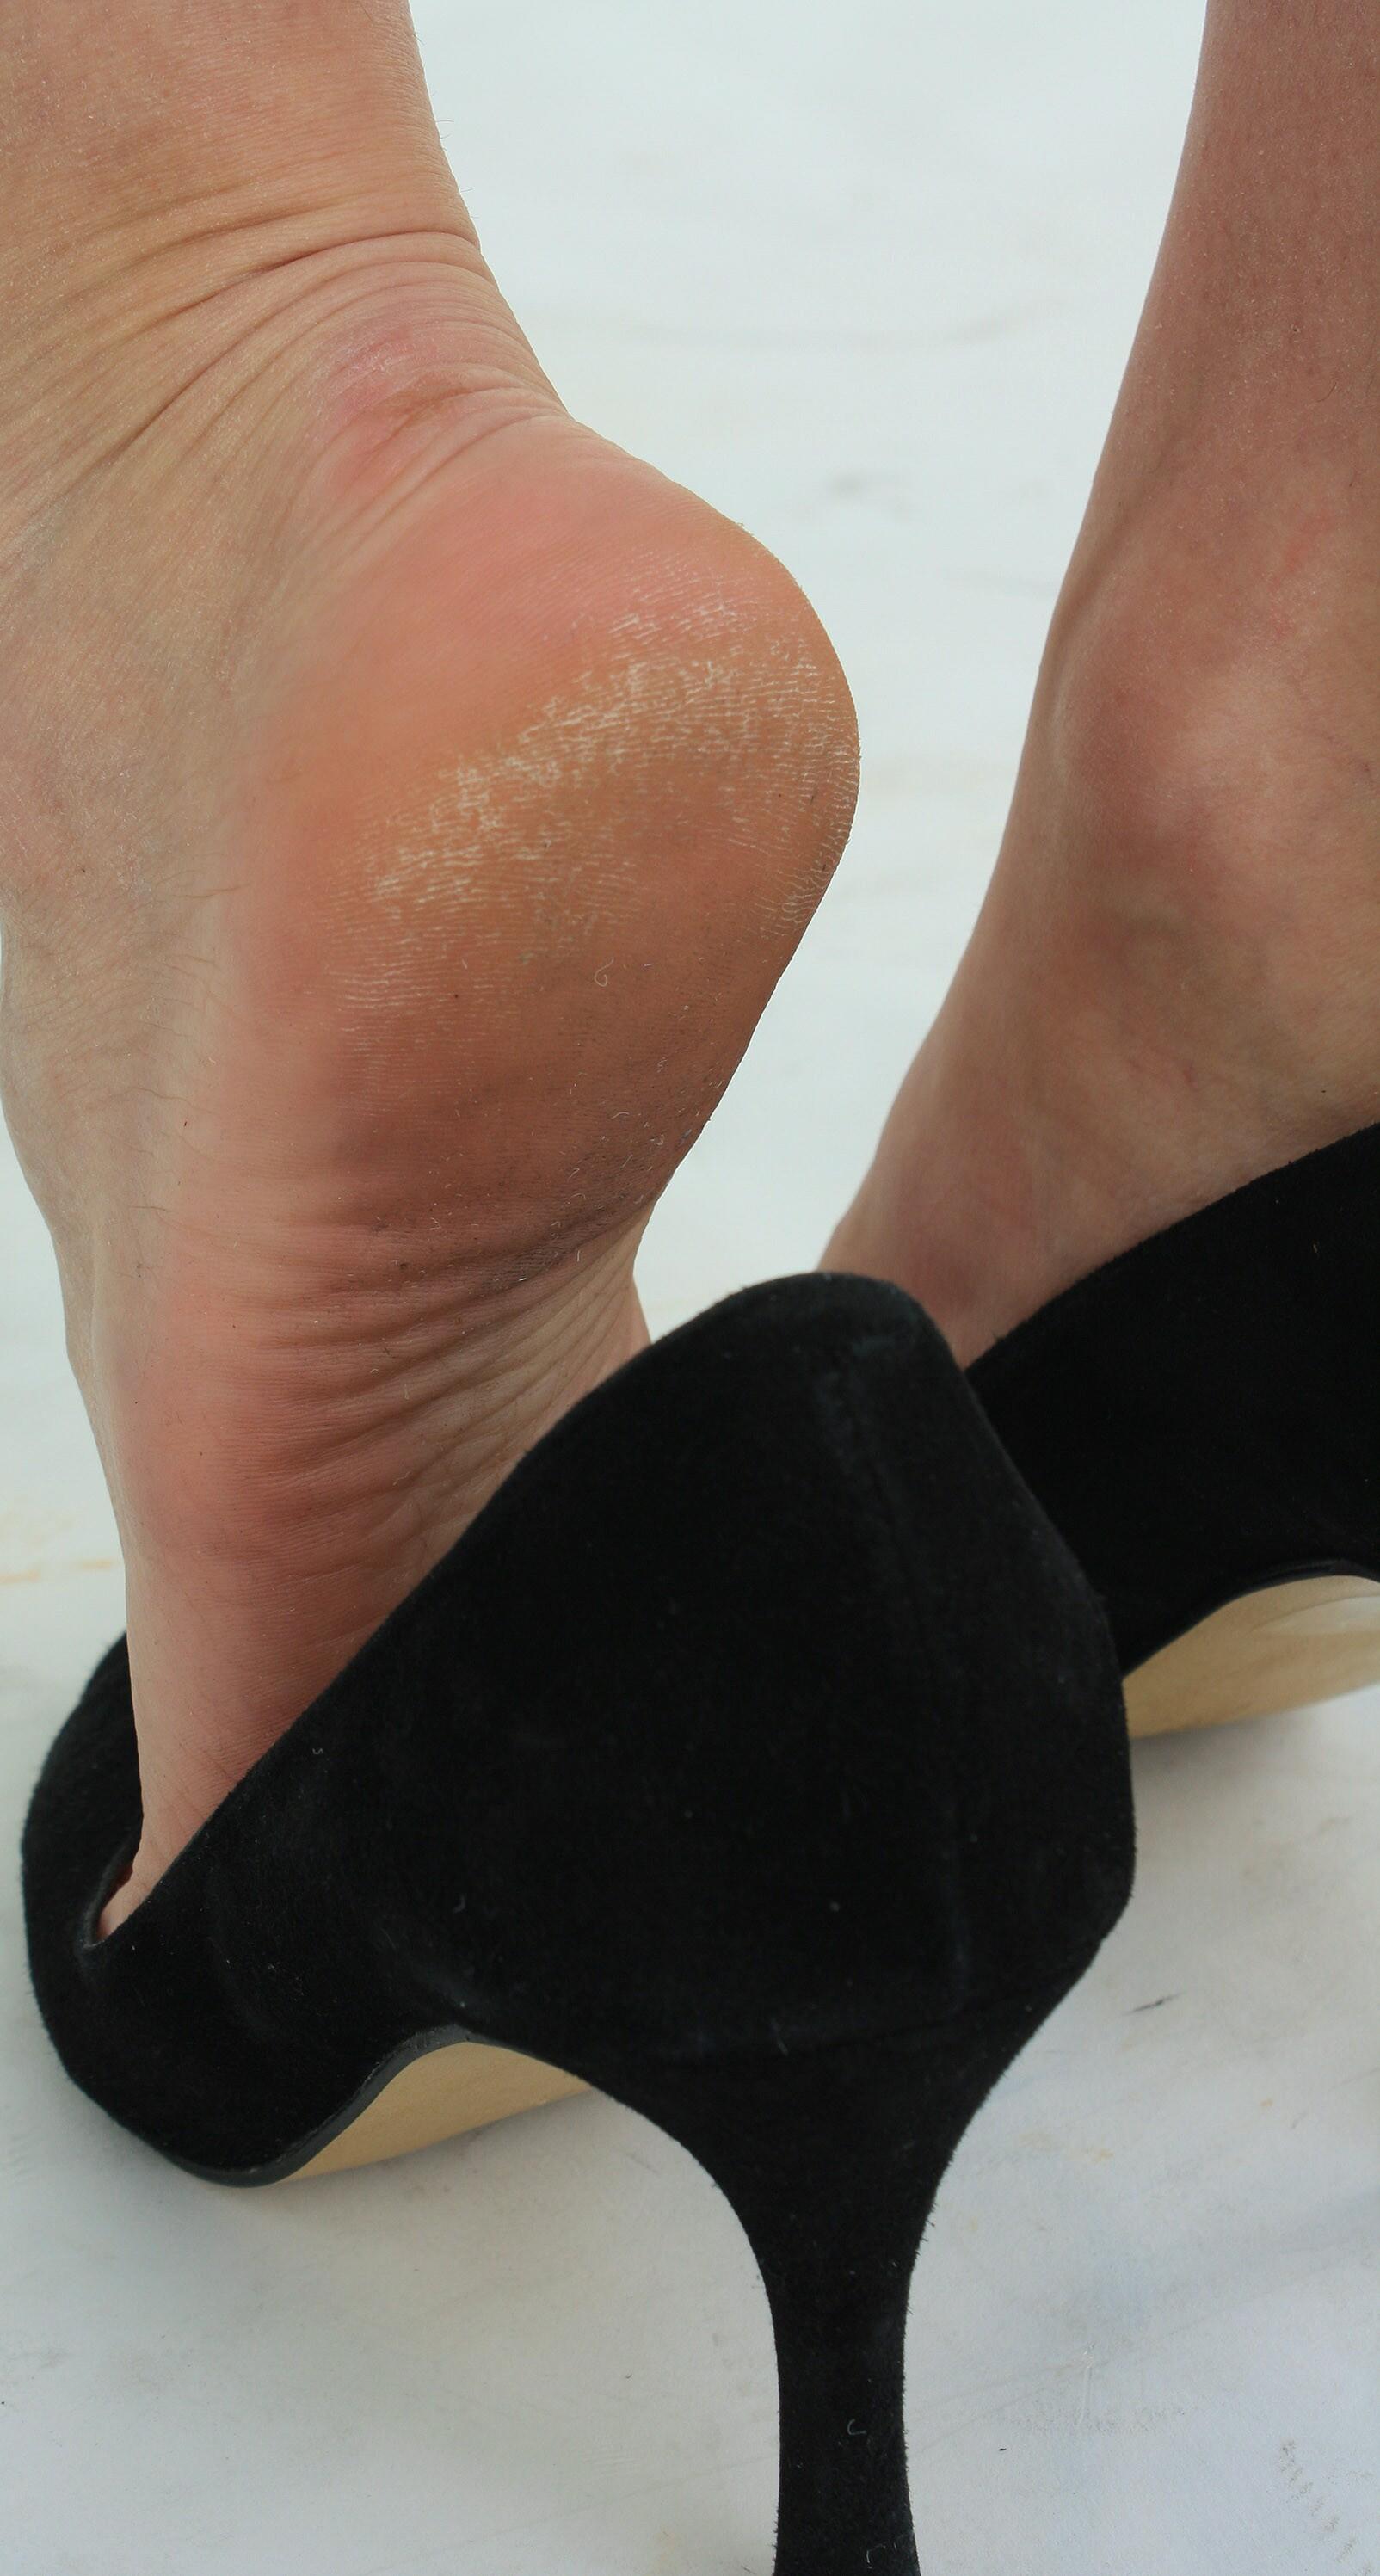 Фото грязные женские ступни 21 фотография